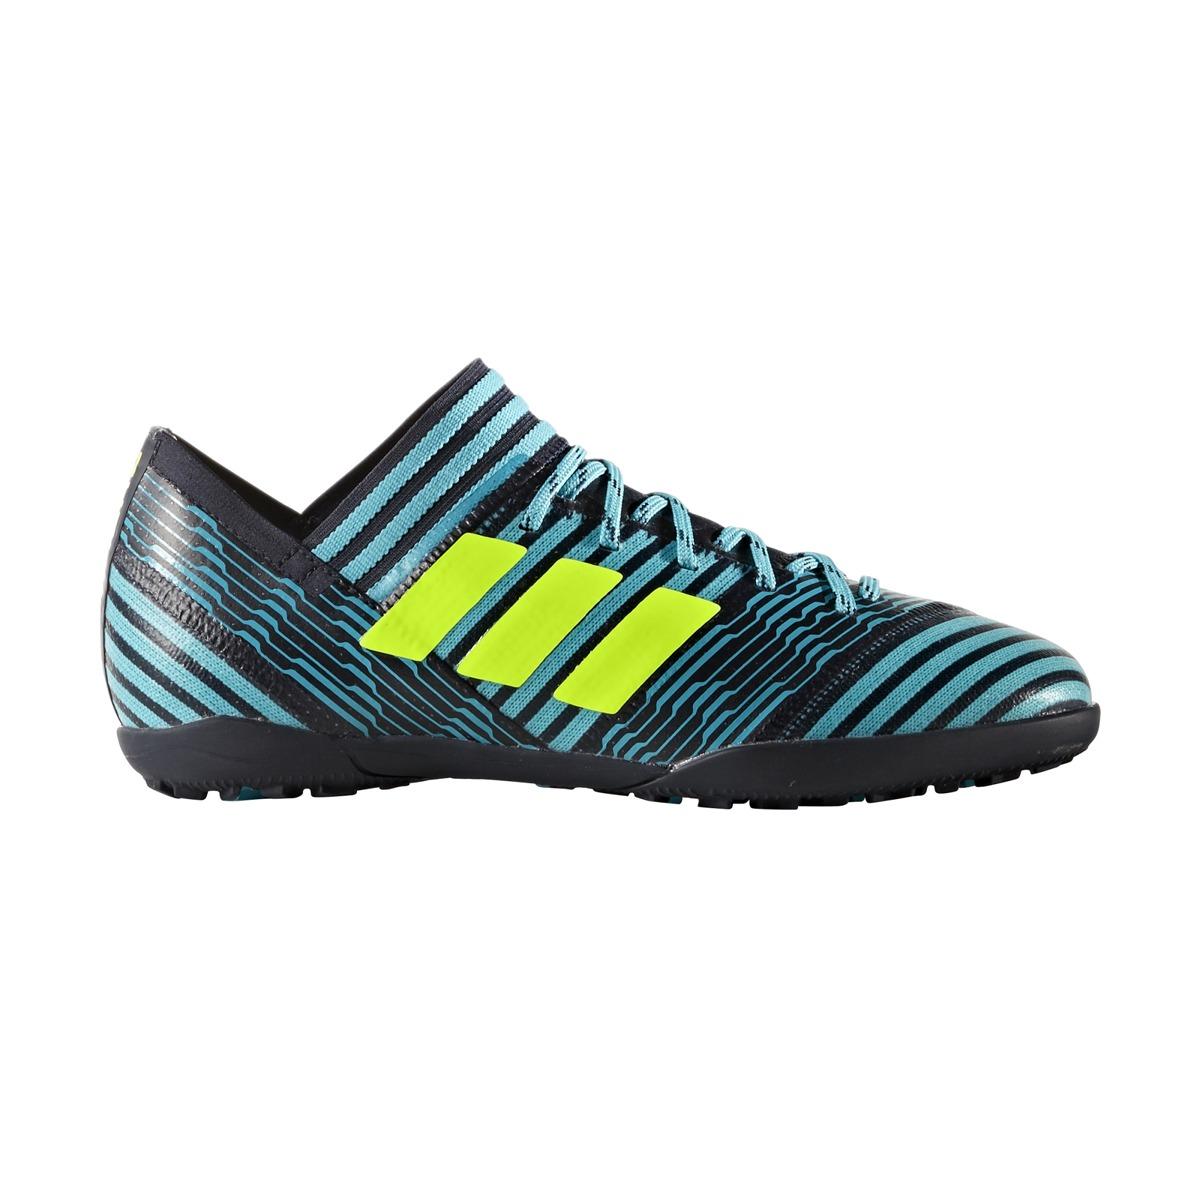 botines adidas futbol nemeziz tango 17.3 tf j niño vd ng. Cargando zoom. d91e034a90cb6